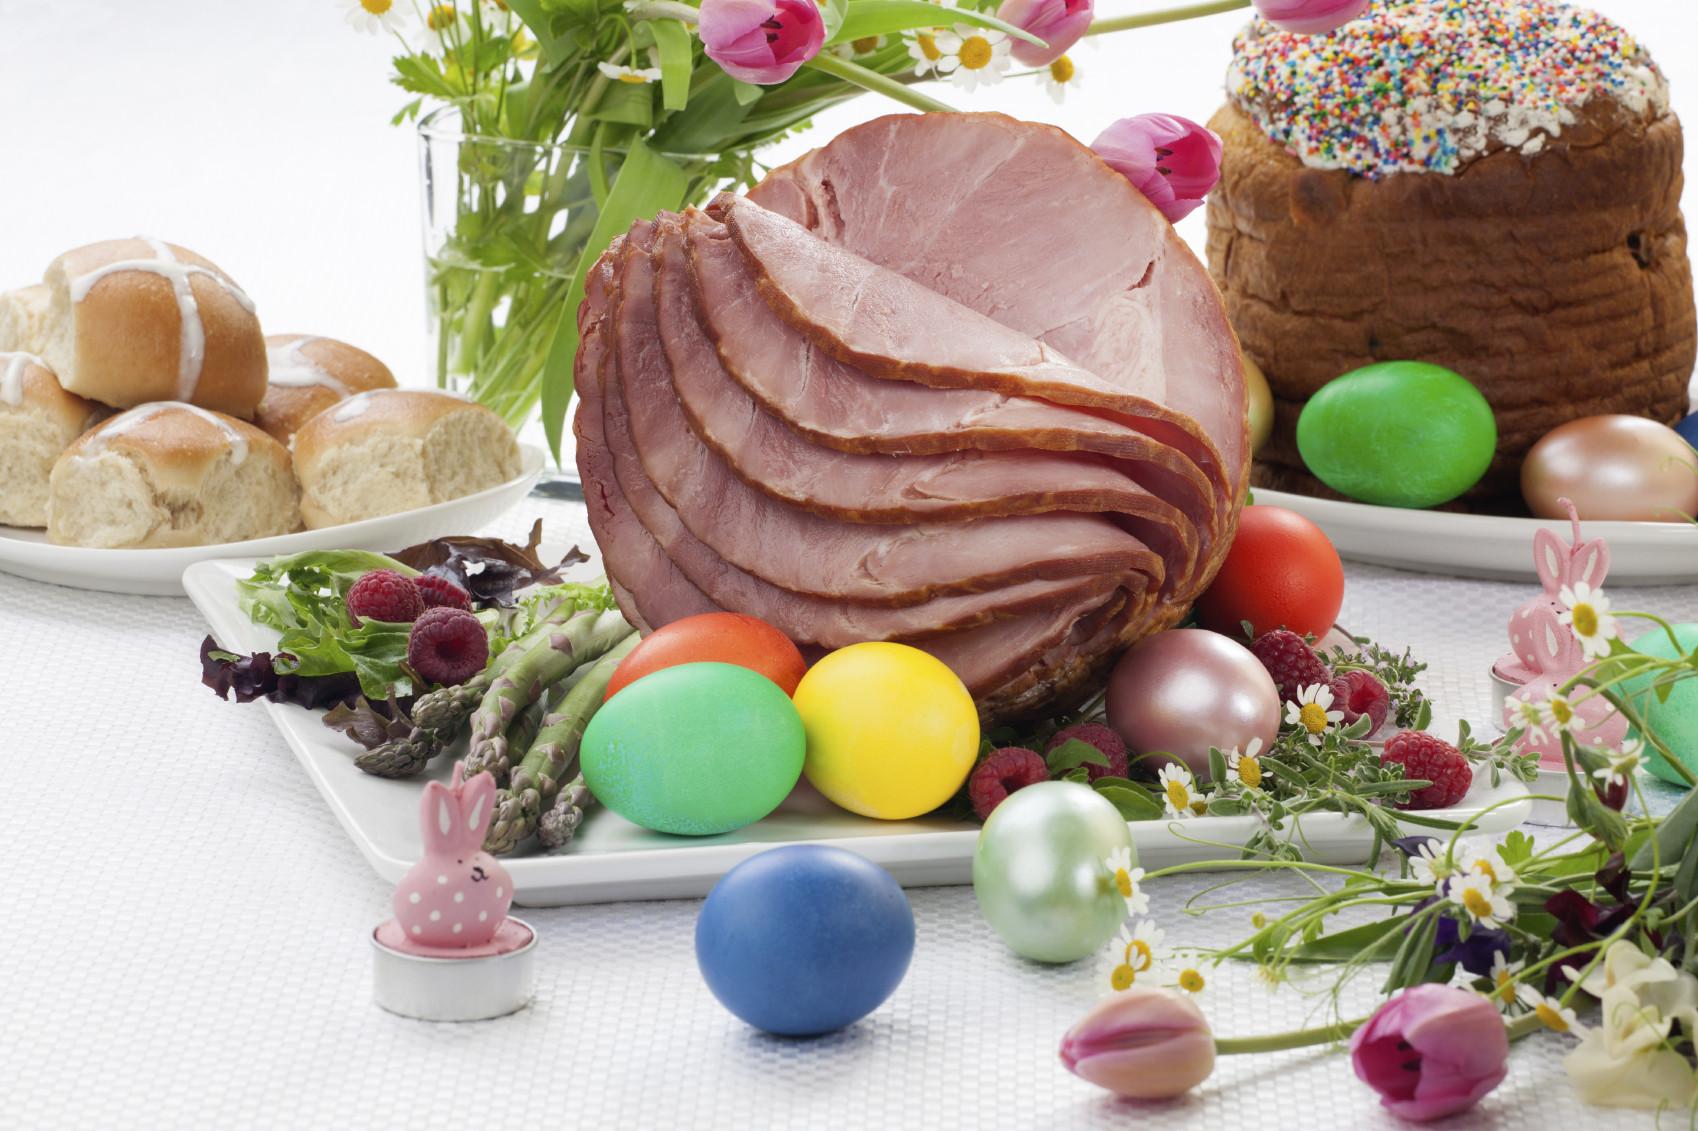 Restaurant For Easter Dinner  Tips For Making An Easter Ham